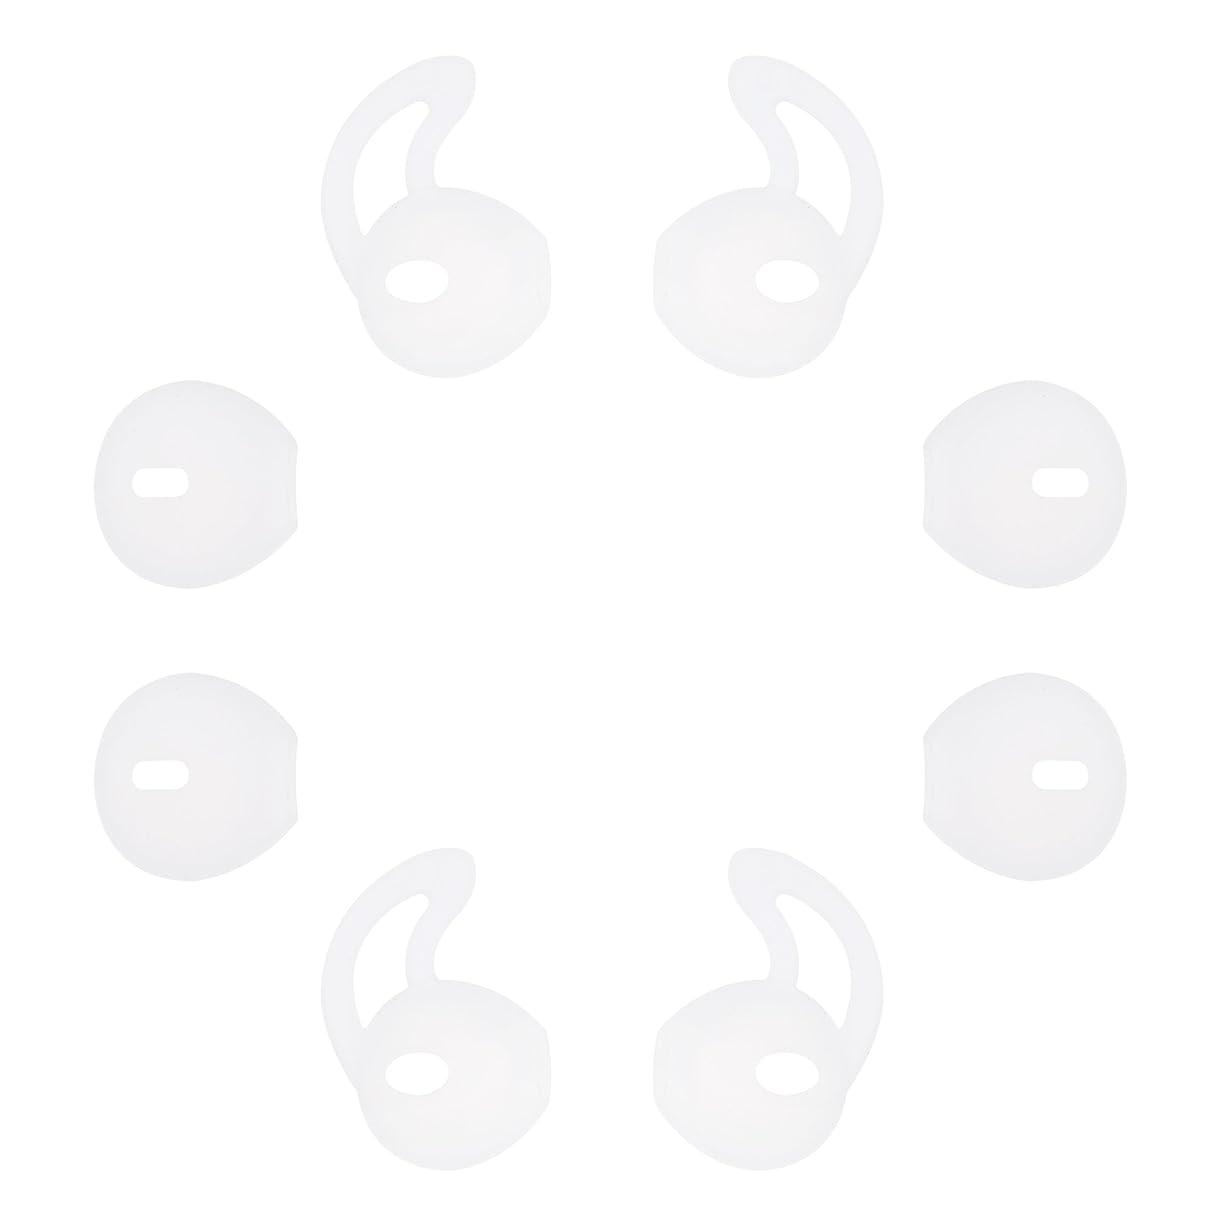 額塩辛い艦隊A-Focus イヤホンカバー イヤーピース EarPods EarPod 交換用シリコンカバー イヤーチップ 落ち防止イヤーフック型と極薄型それぞれ2ペア計4ペア 落下防止 落ち防止 フィット感向上 Apple EarPods専用 Airpods非対応 イヤホンパッド 8個4ペア入り 透明白い ClearWhite22